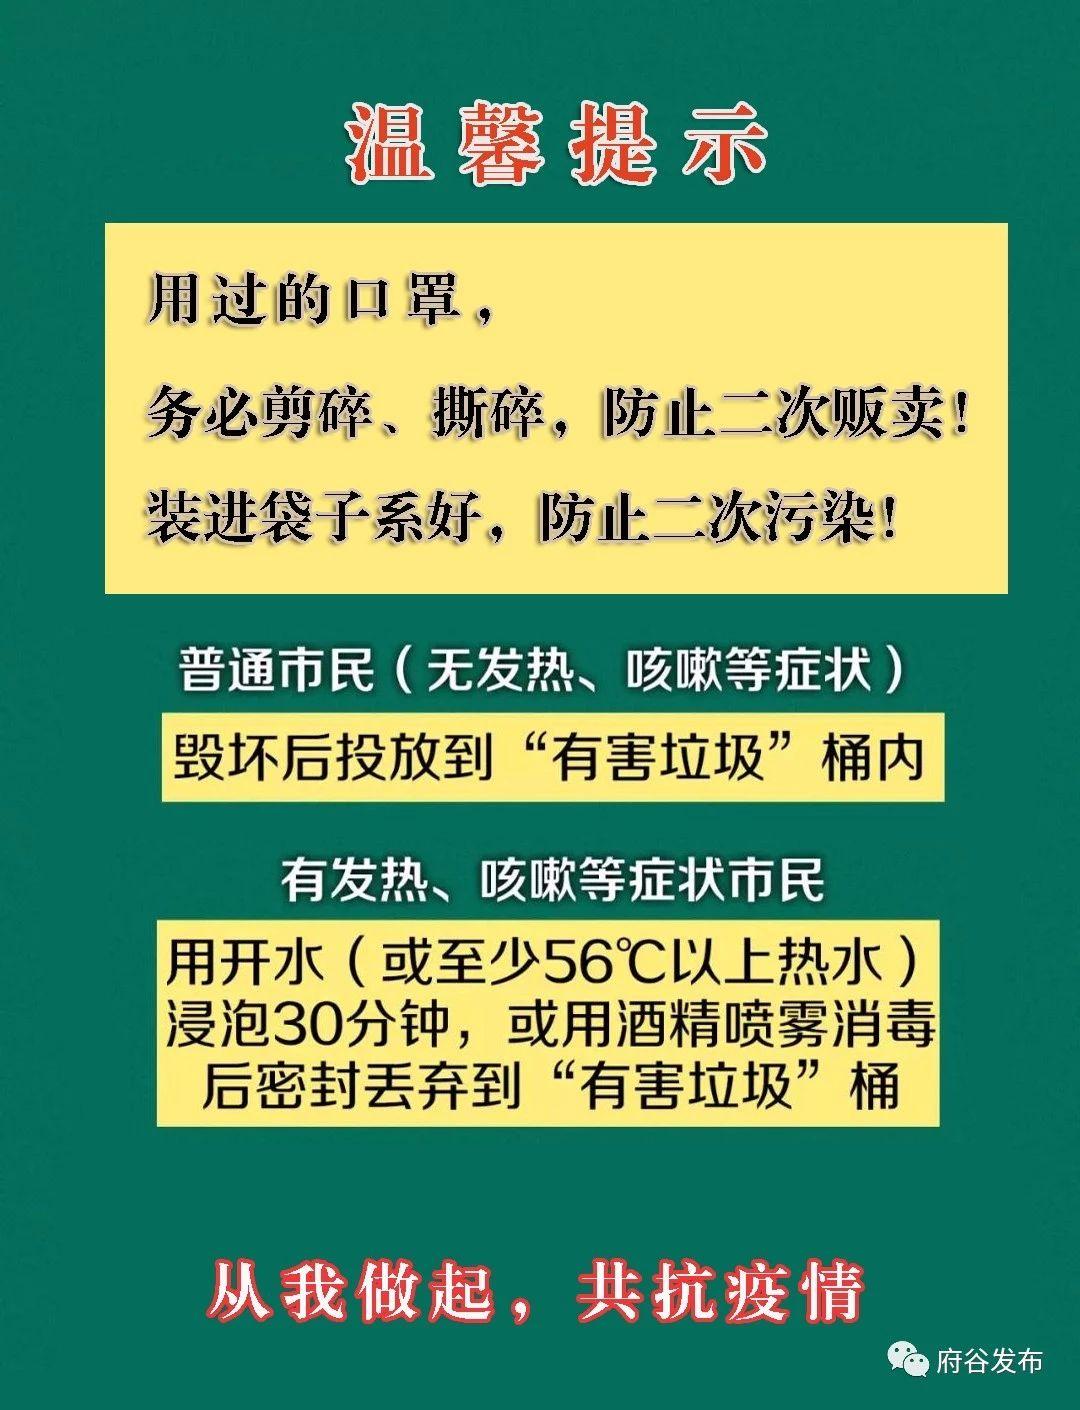 【疫情防控】府谷县开通24小时举报电话